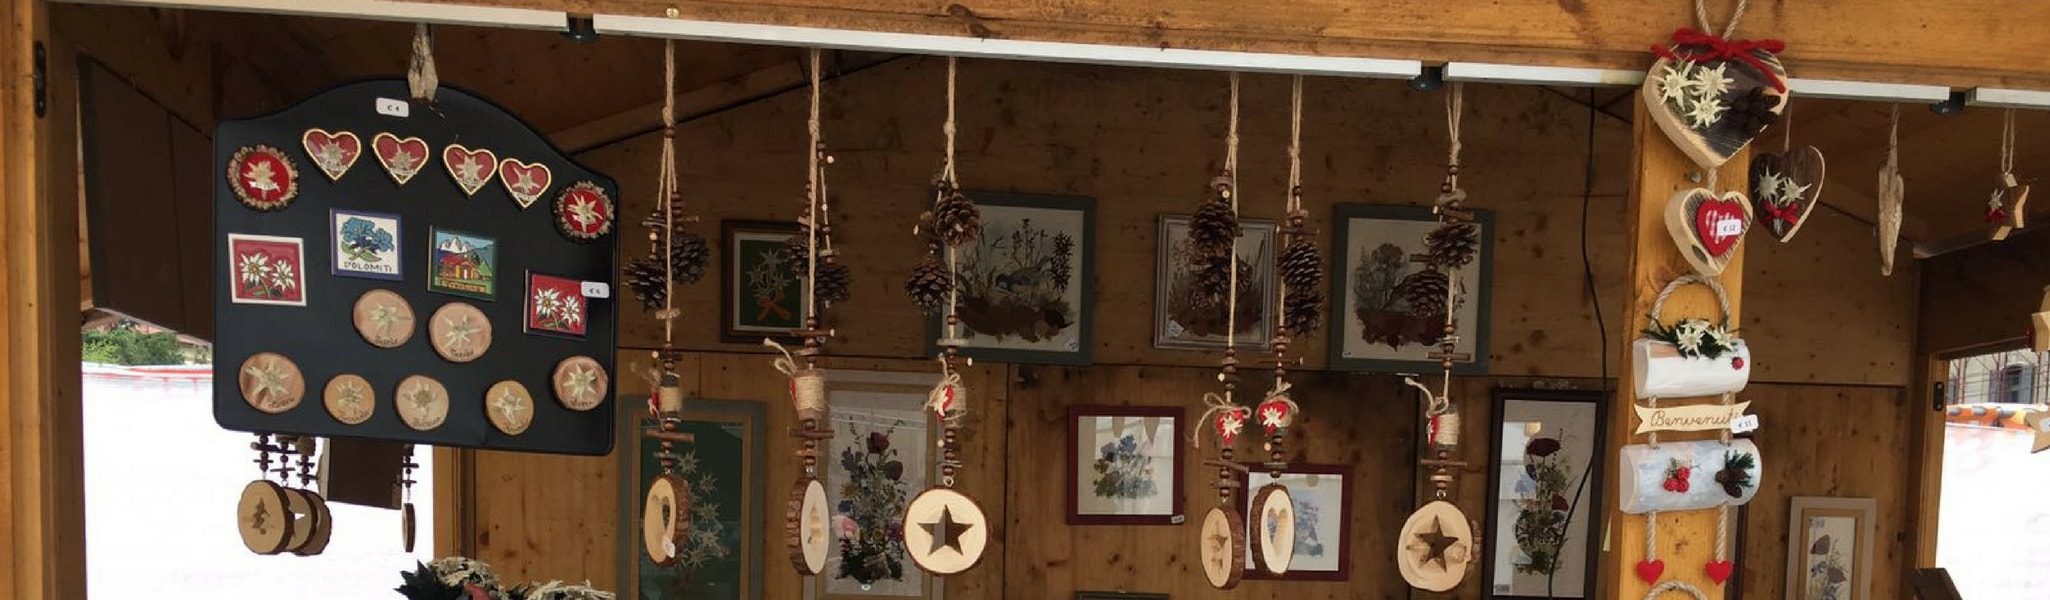 Trentino Alto Adige Artigianato negozio artigianato - souvenir malgolo | trento